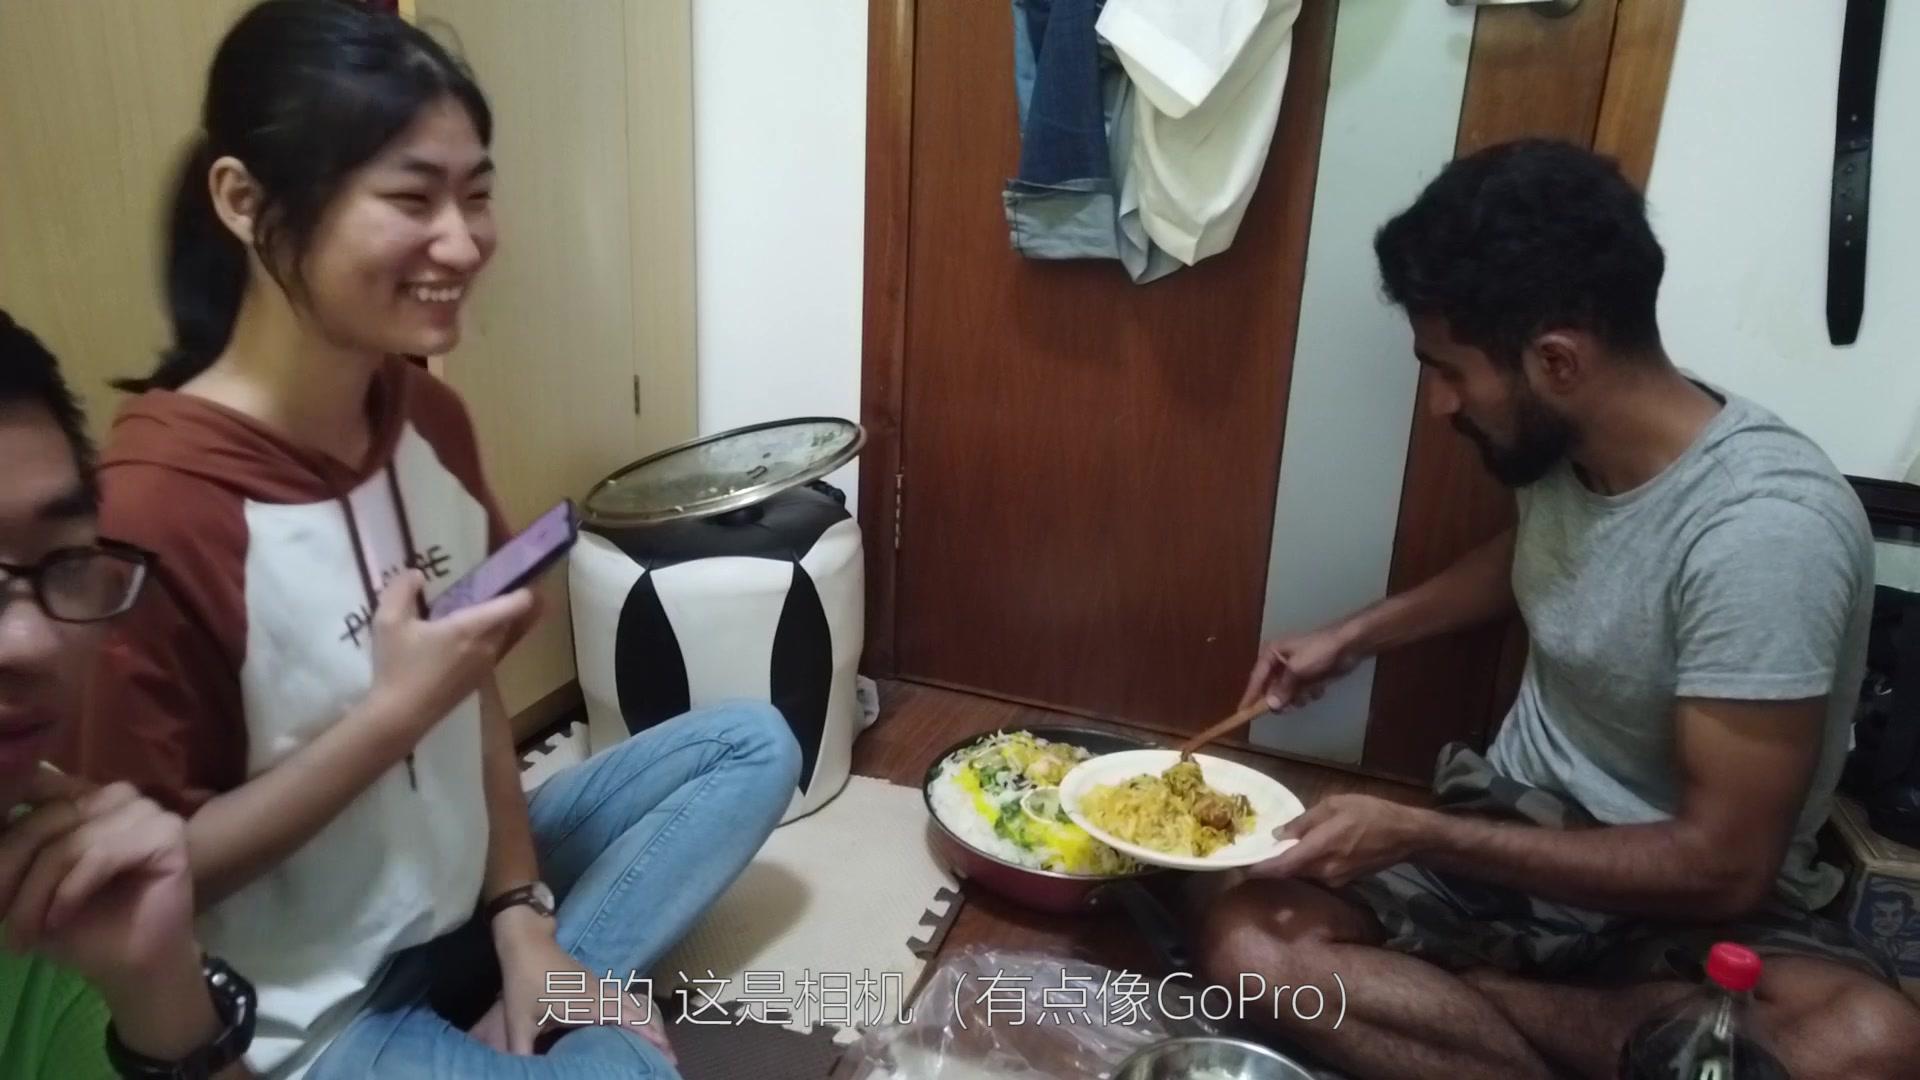 秘鲁妹子的一天:在浙大第一次吃老外做的当地美食,现场很开心